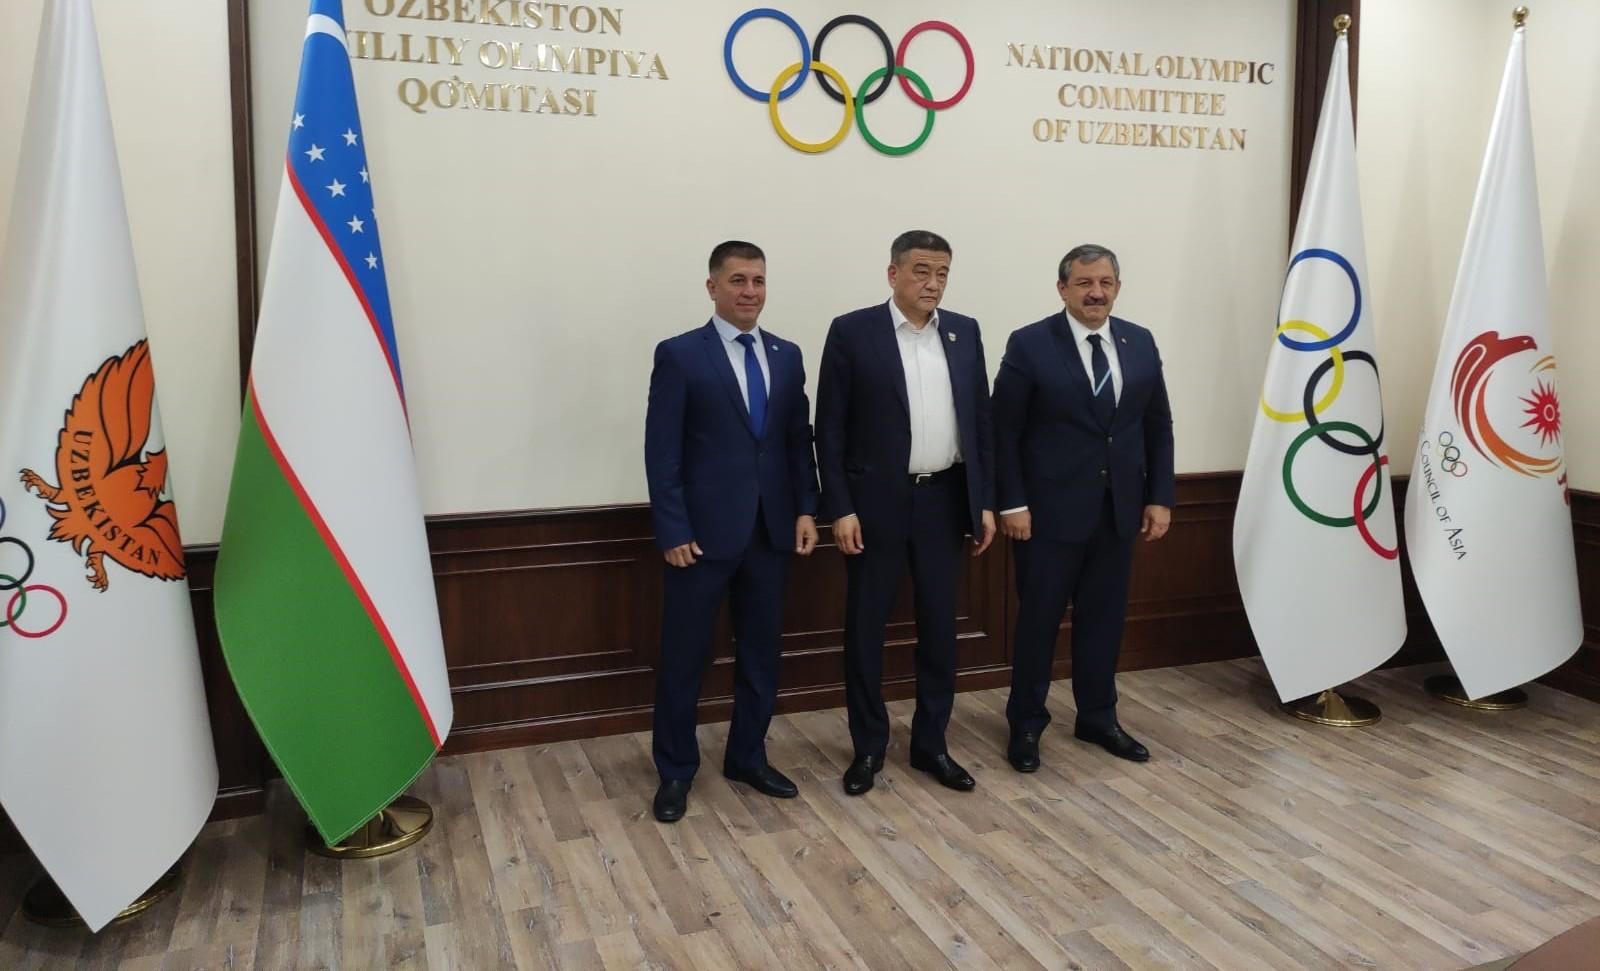 Federasyon Başkanımızdan Özbekistan Milli Olimpiyat Komitesine Ziyaret